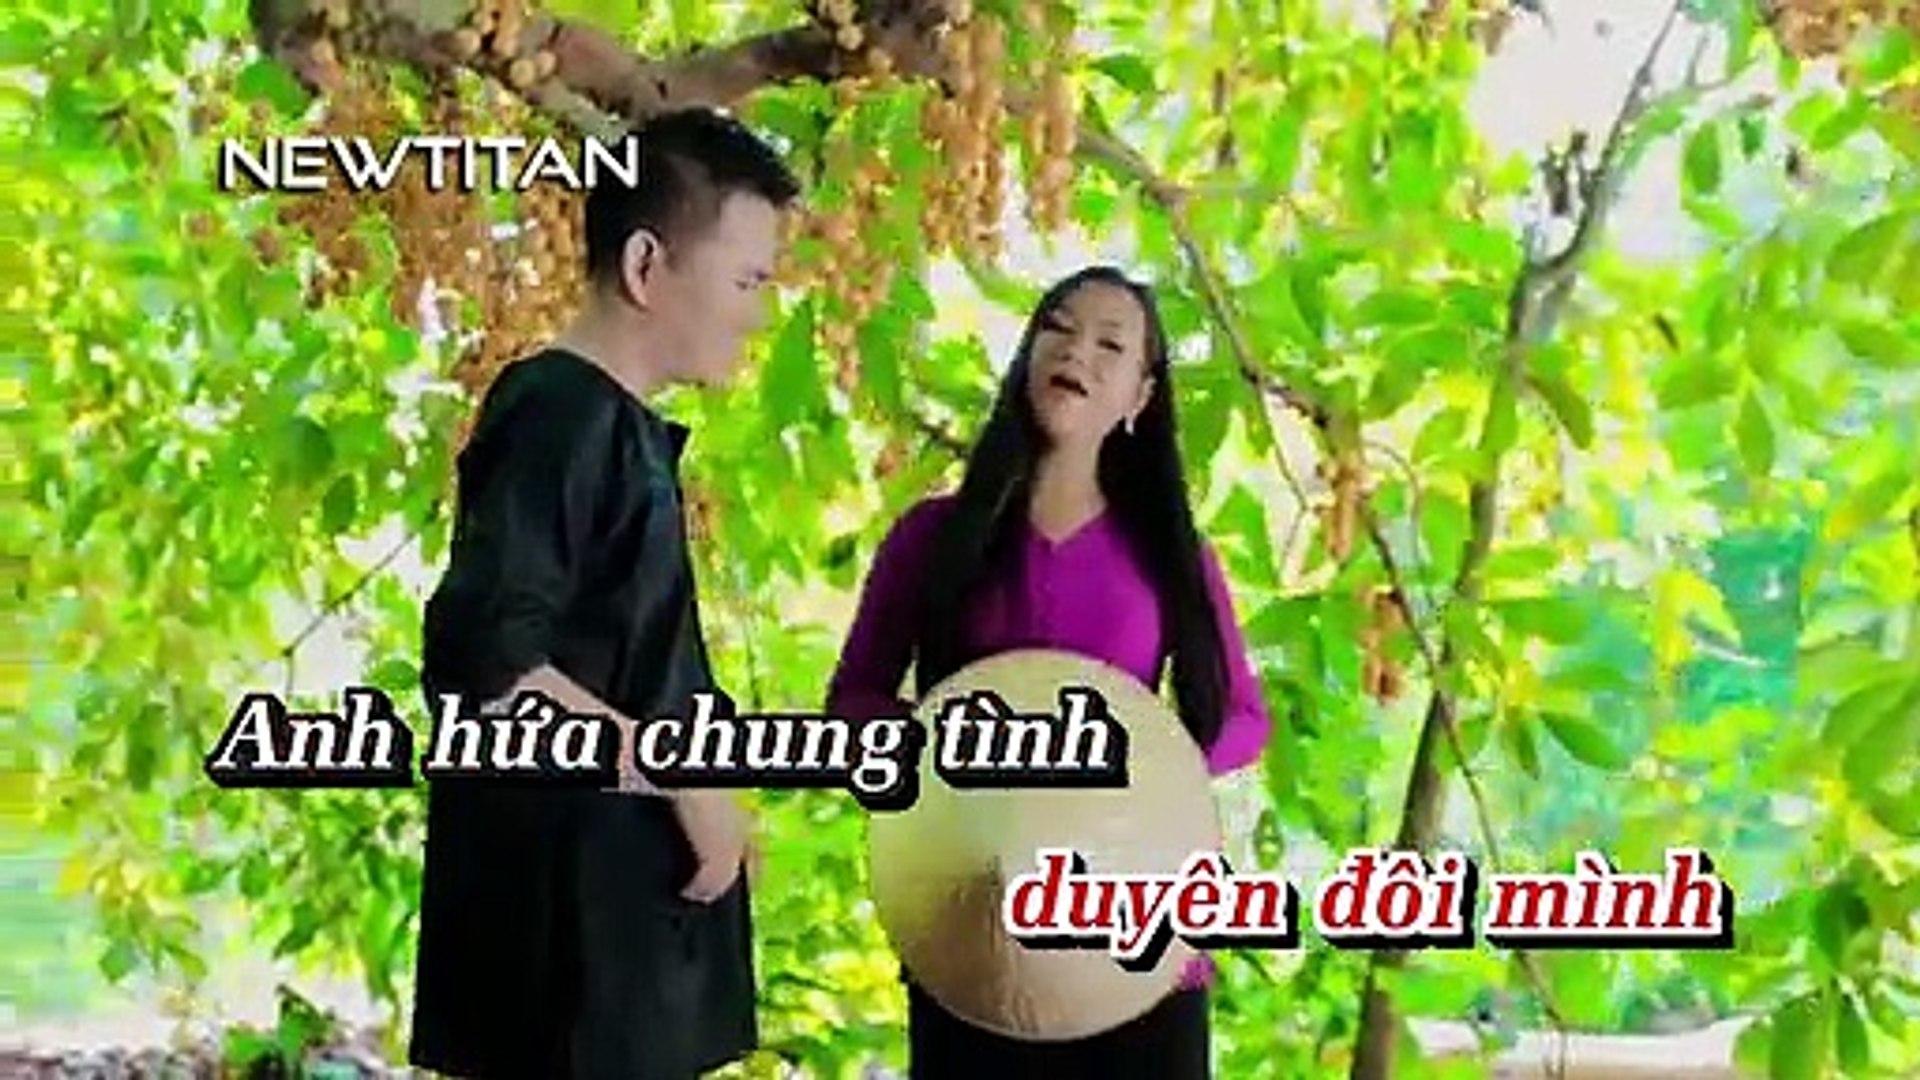 [Karaoke] Lỡ Thương Nhau Rồi - Huỳnh Nguyễn Công Bằng Ft. Dương Hồng Loan [Beat]